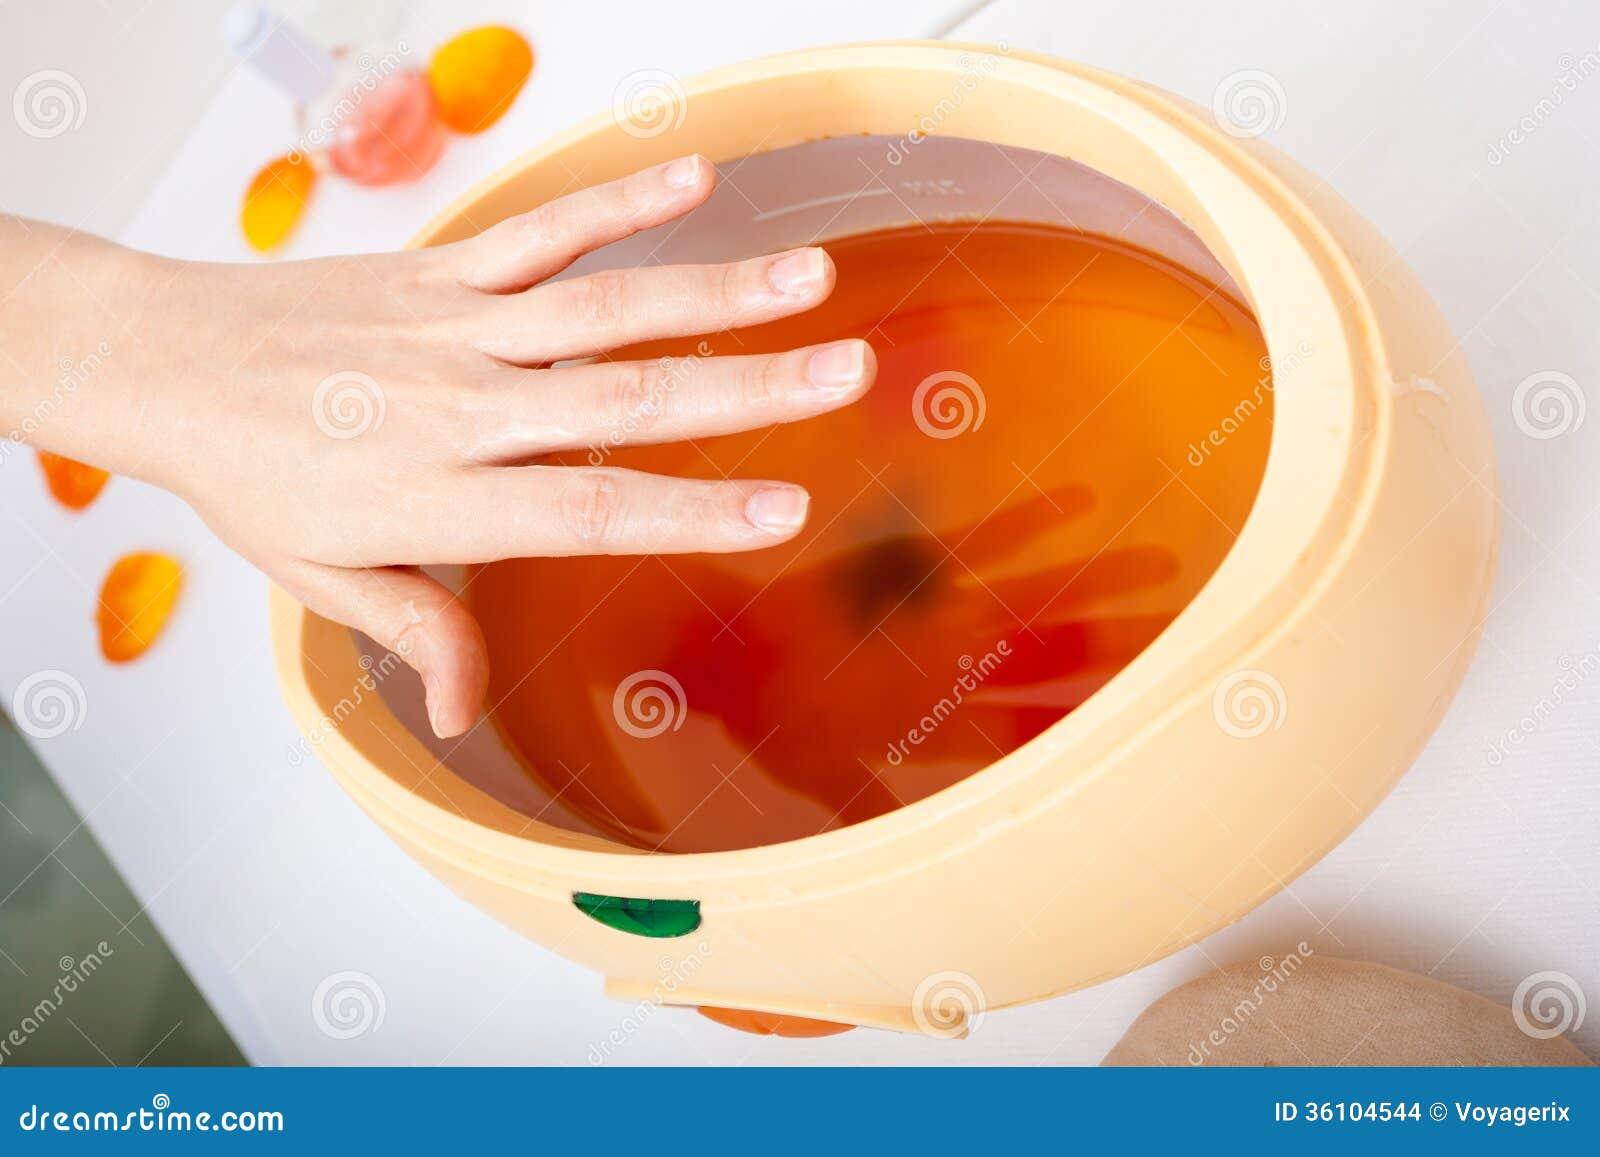 Mão fêmea e bacia alaranjada da cera de parafina. Mulher no salão de beleza